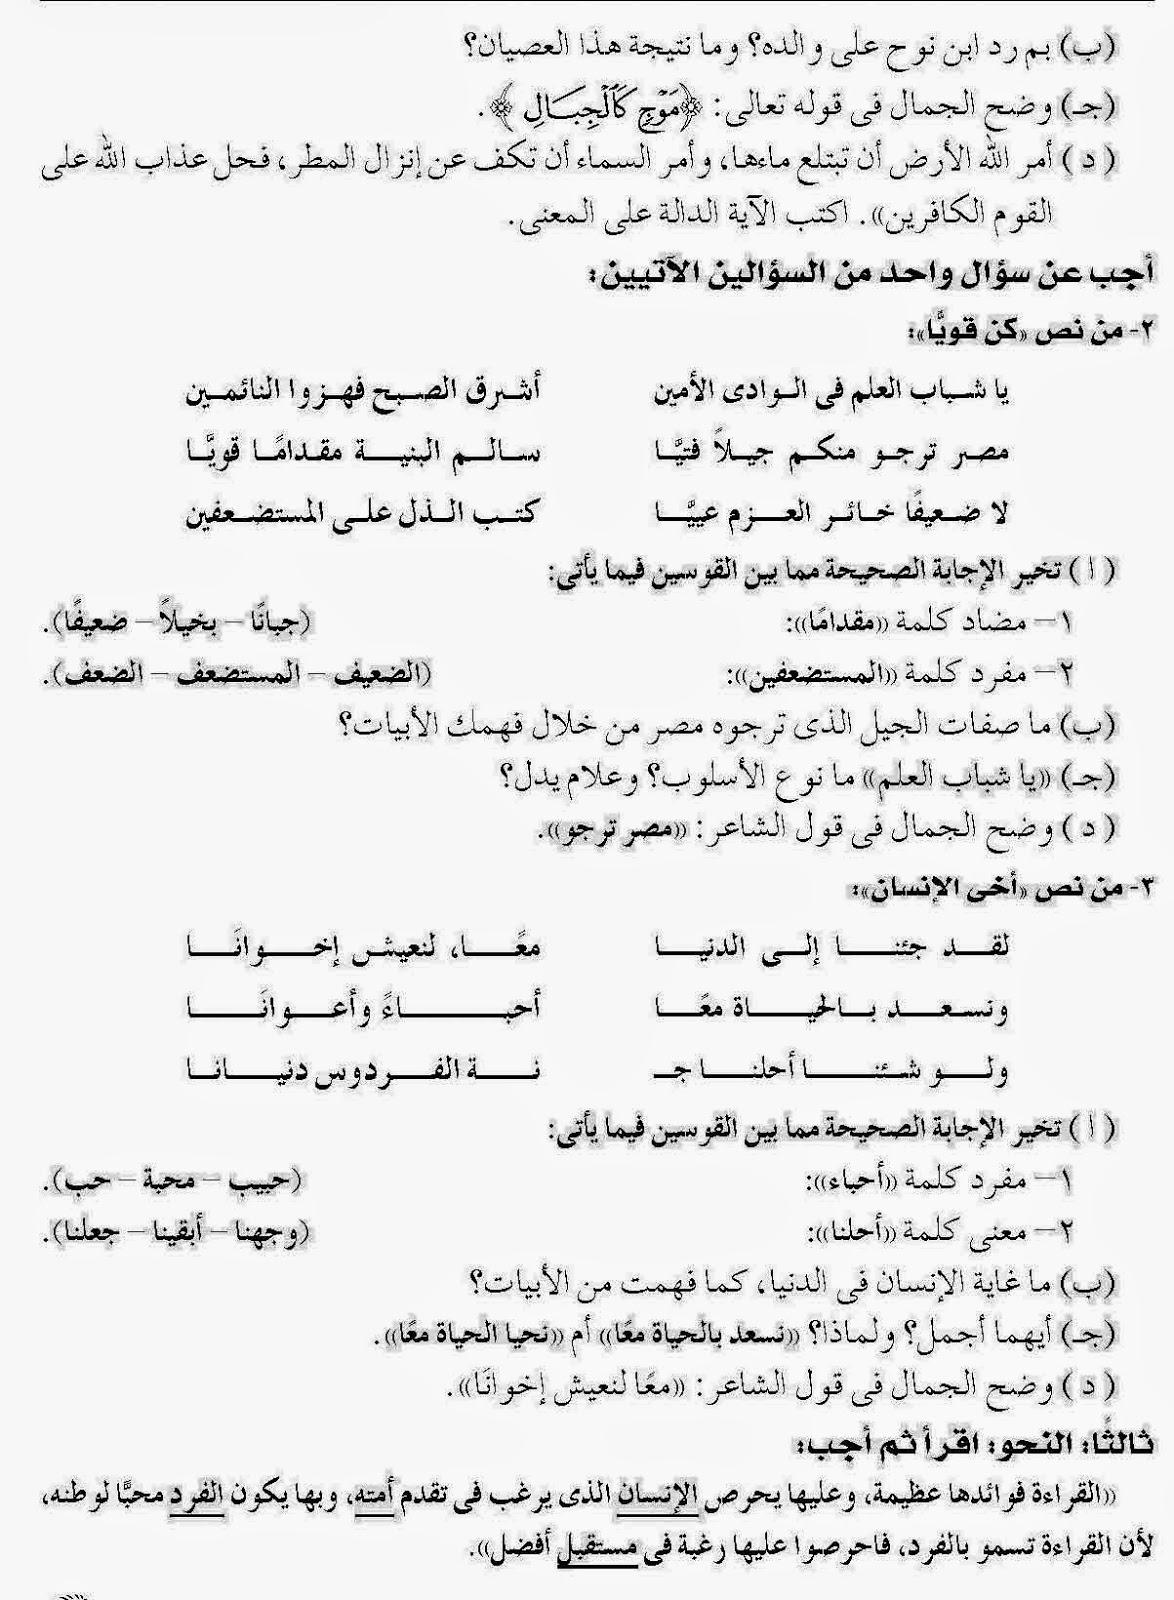 امتحان اللغة العربية محافظةالقاهرة للسادس الإبتدائى نصف العام ARA06-01-P2.jpg